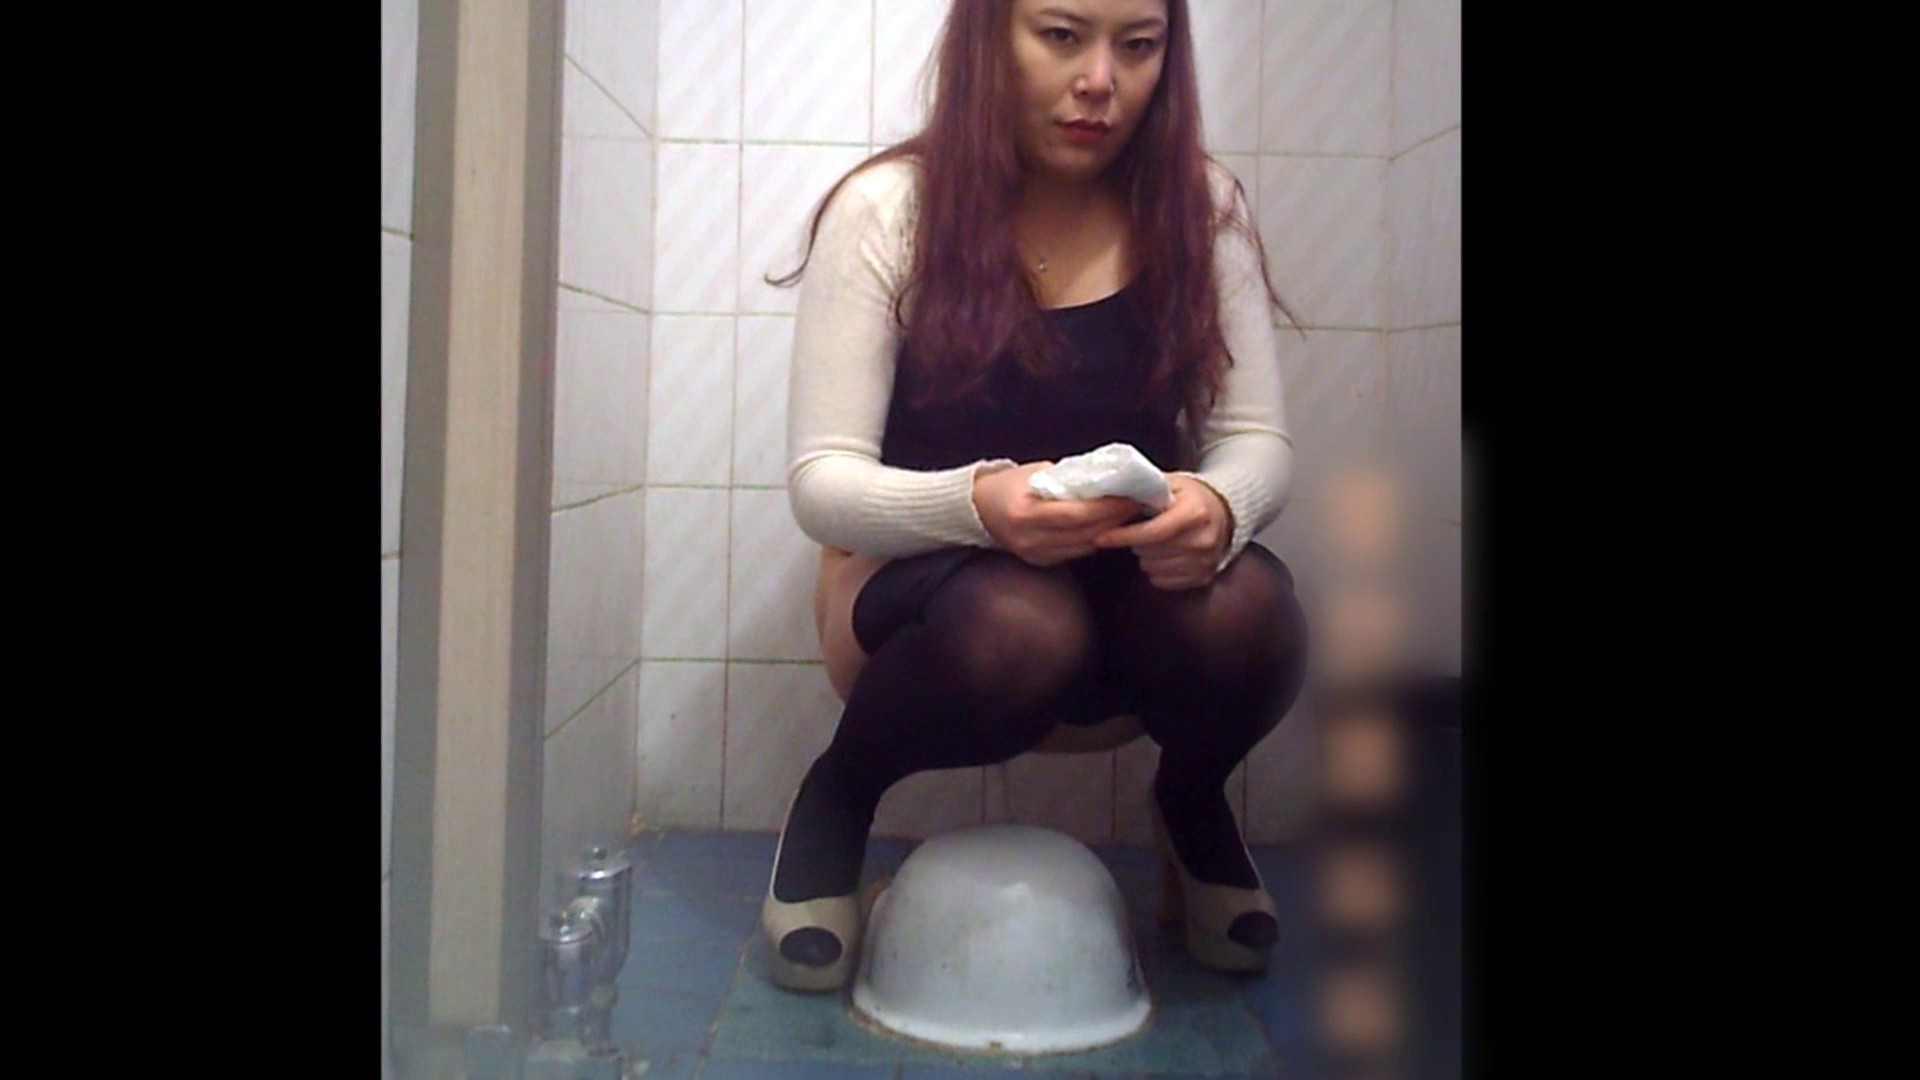 潜入!!韓国秘密のトイレ!Vol.11 潜入 盗み撮りAV無料動画キャプチャ 35pic 13